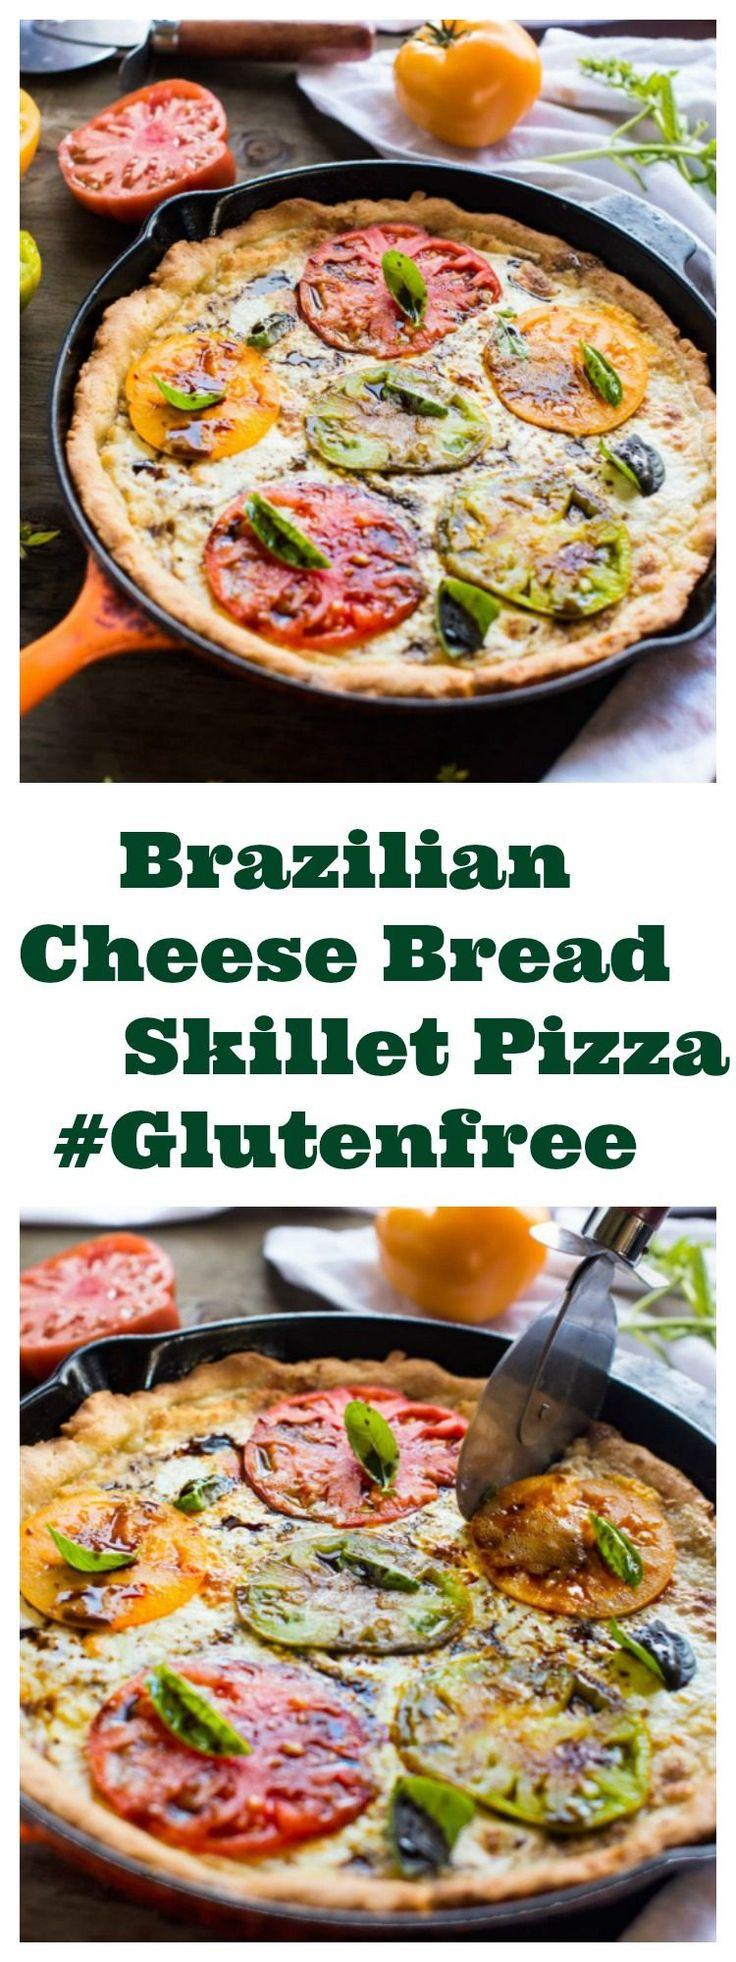 BRAZILIAN CHEESE BREAD SKILLET PIZZA